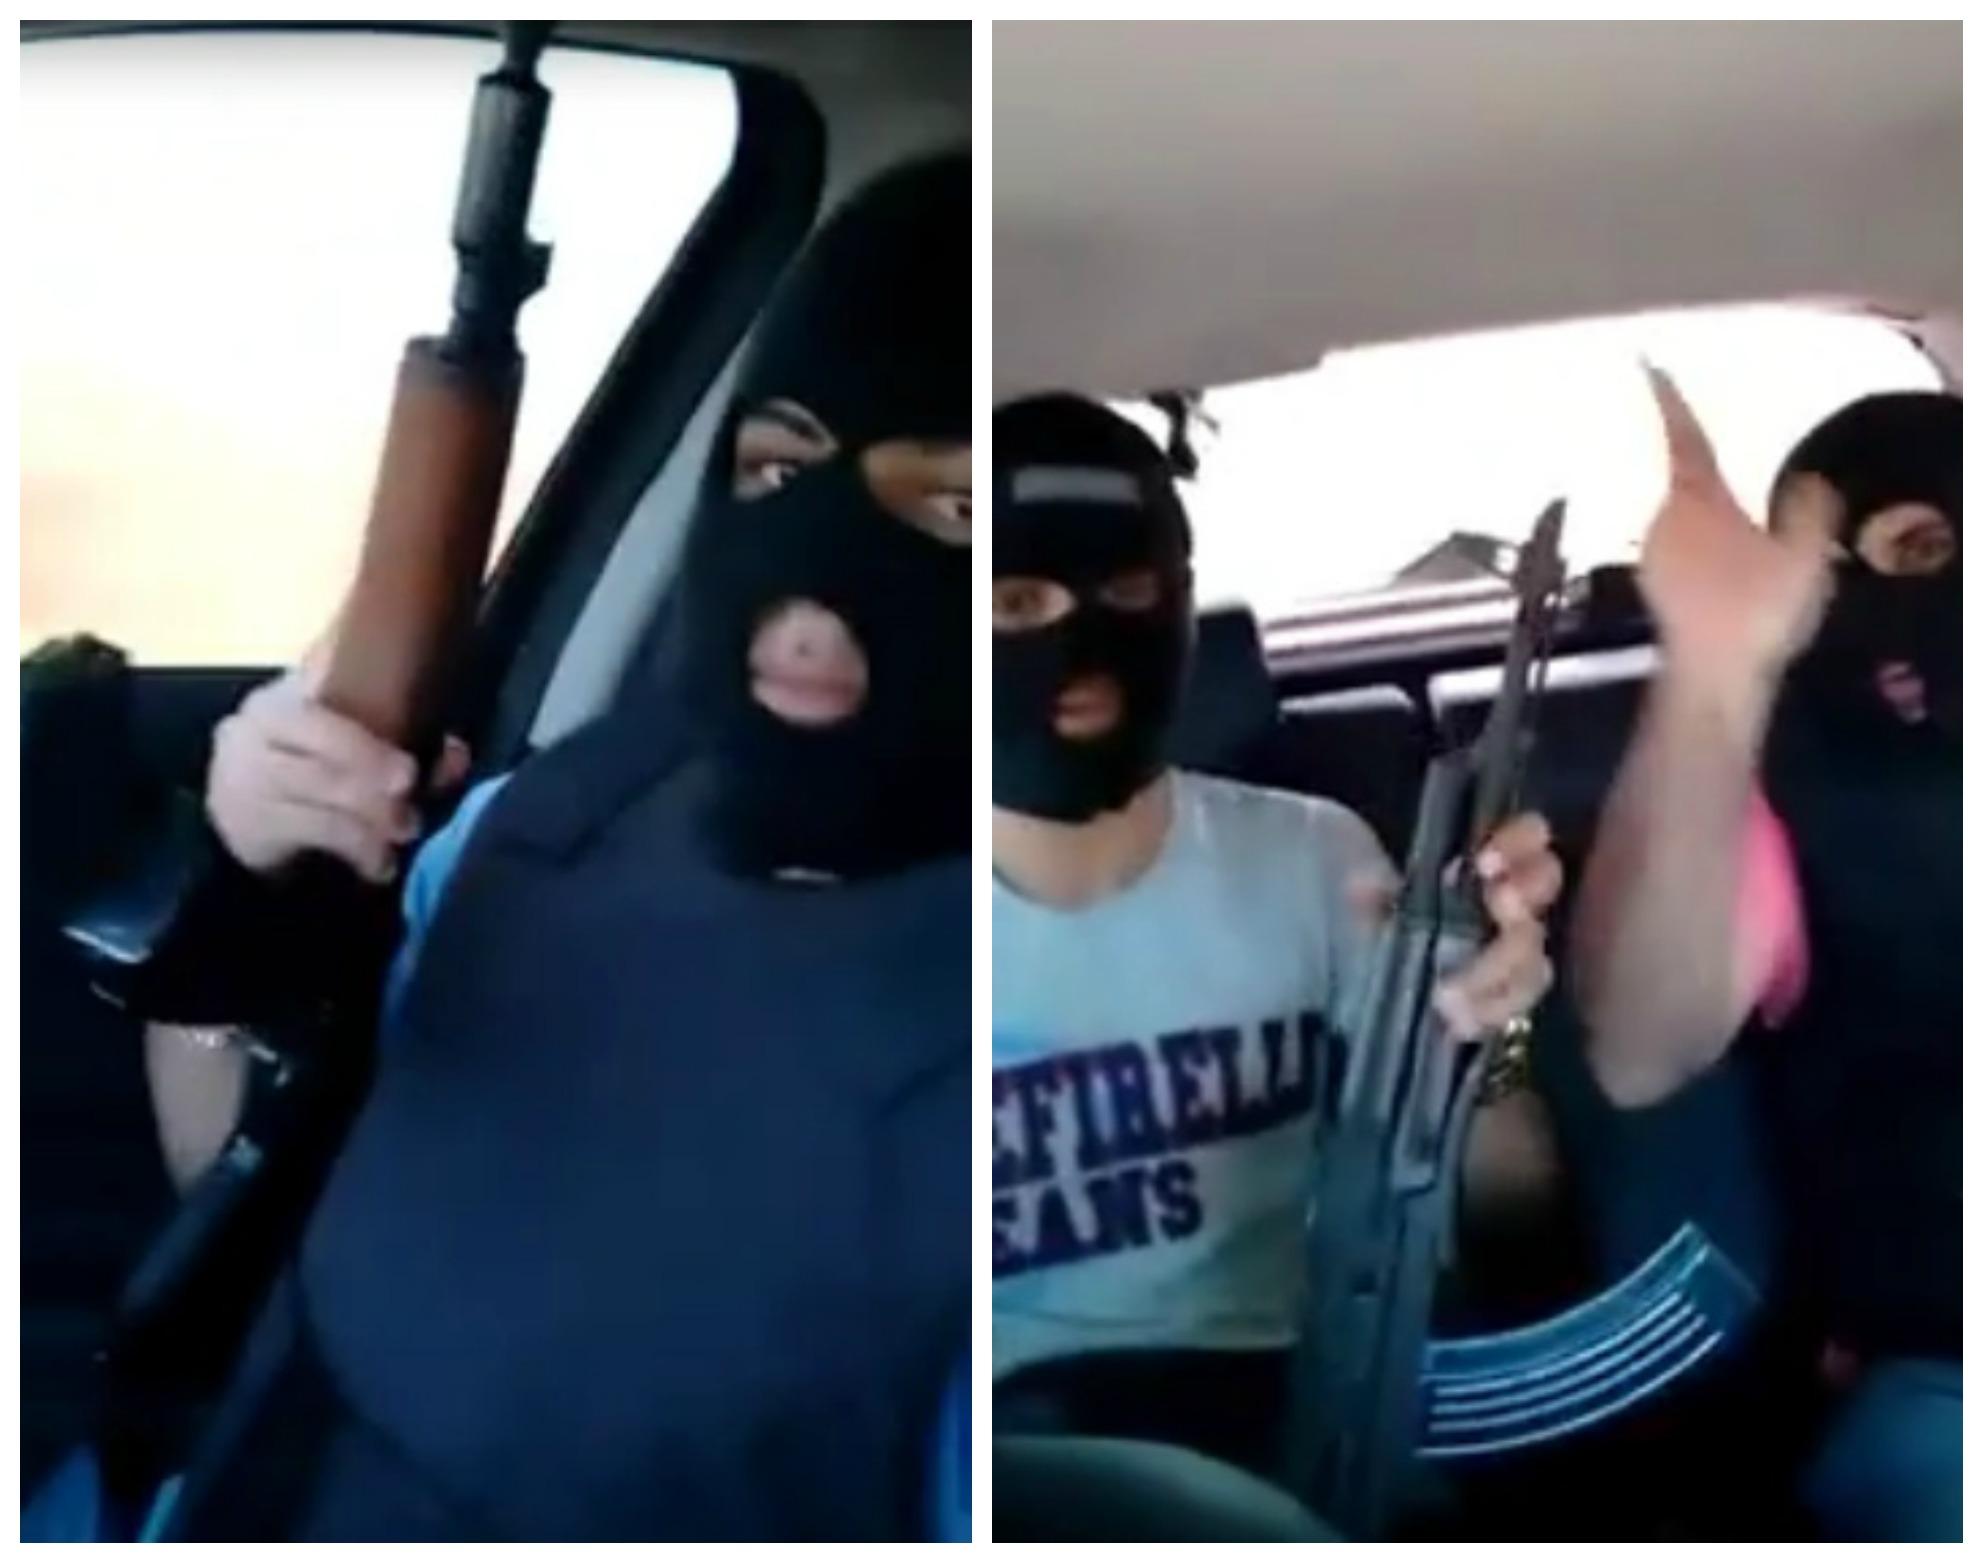 Os homens exibem armas de grosso calibre enquanto dirigem pela estrada. (FOTO: Reprodução)